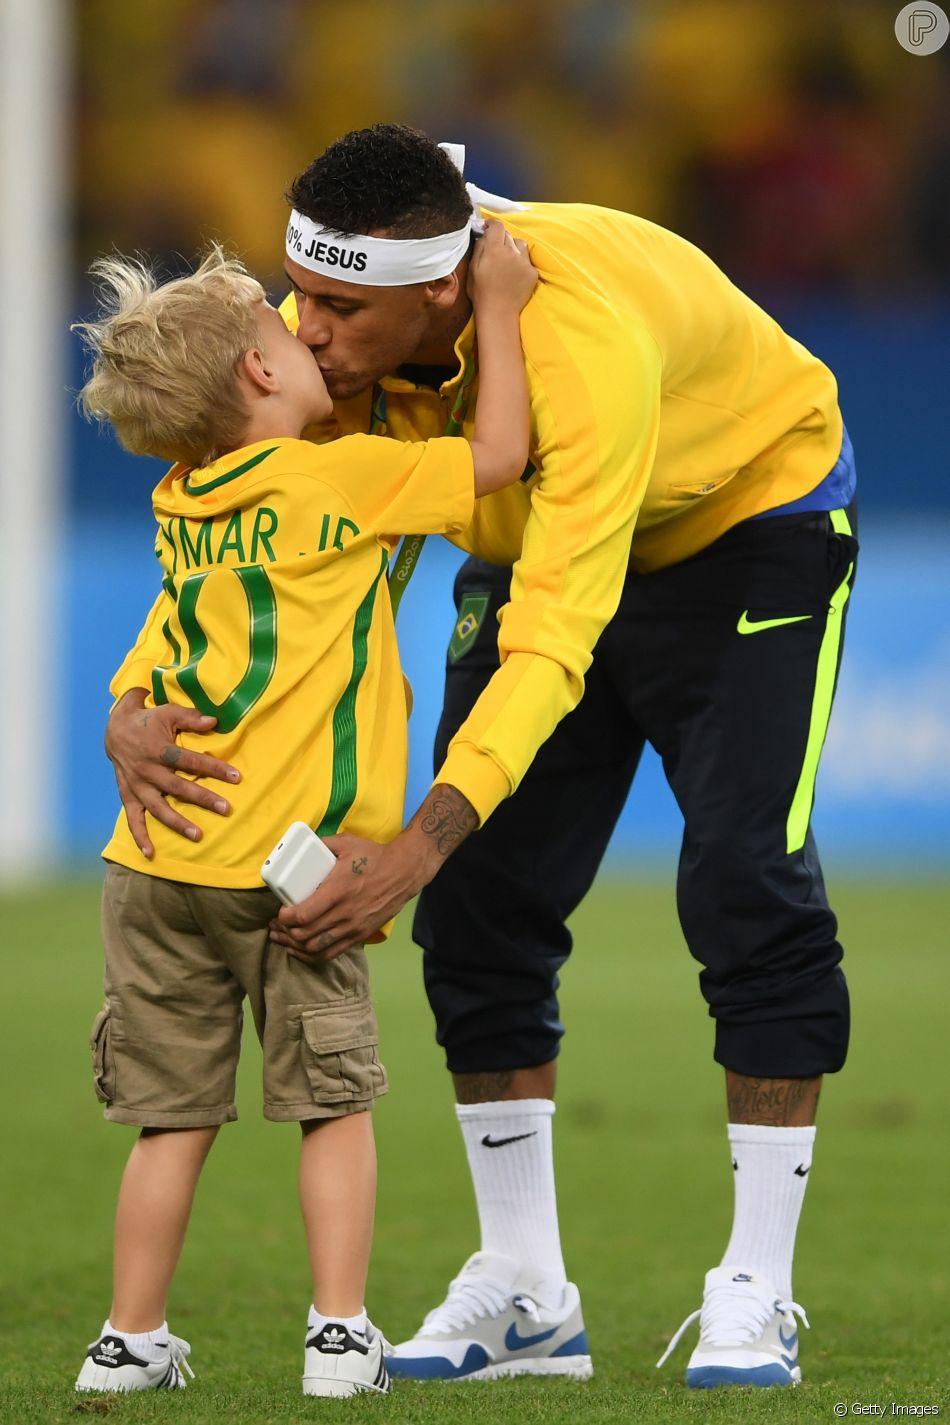 Filho de neymar davi lucca se declara ao pai antes de jogo do davi lucca filho de neymar mandou boa sorte para o pai stopboris Image collections